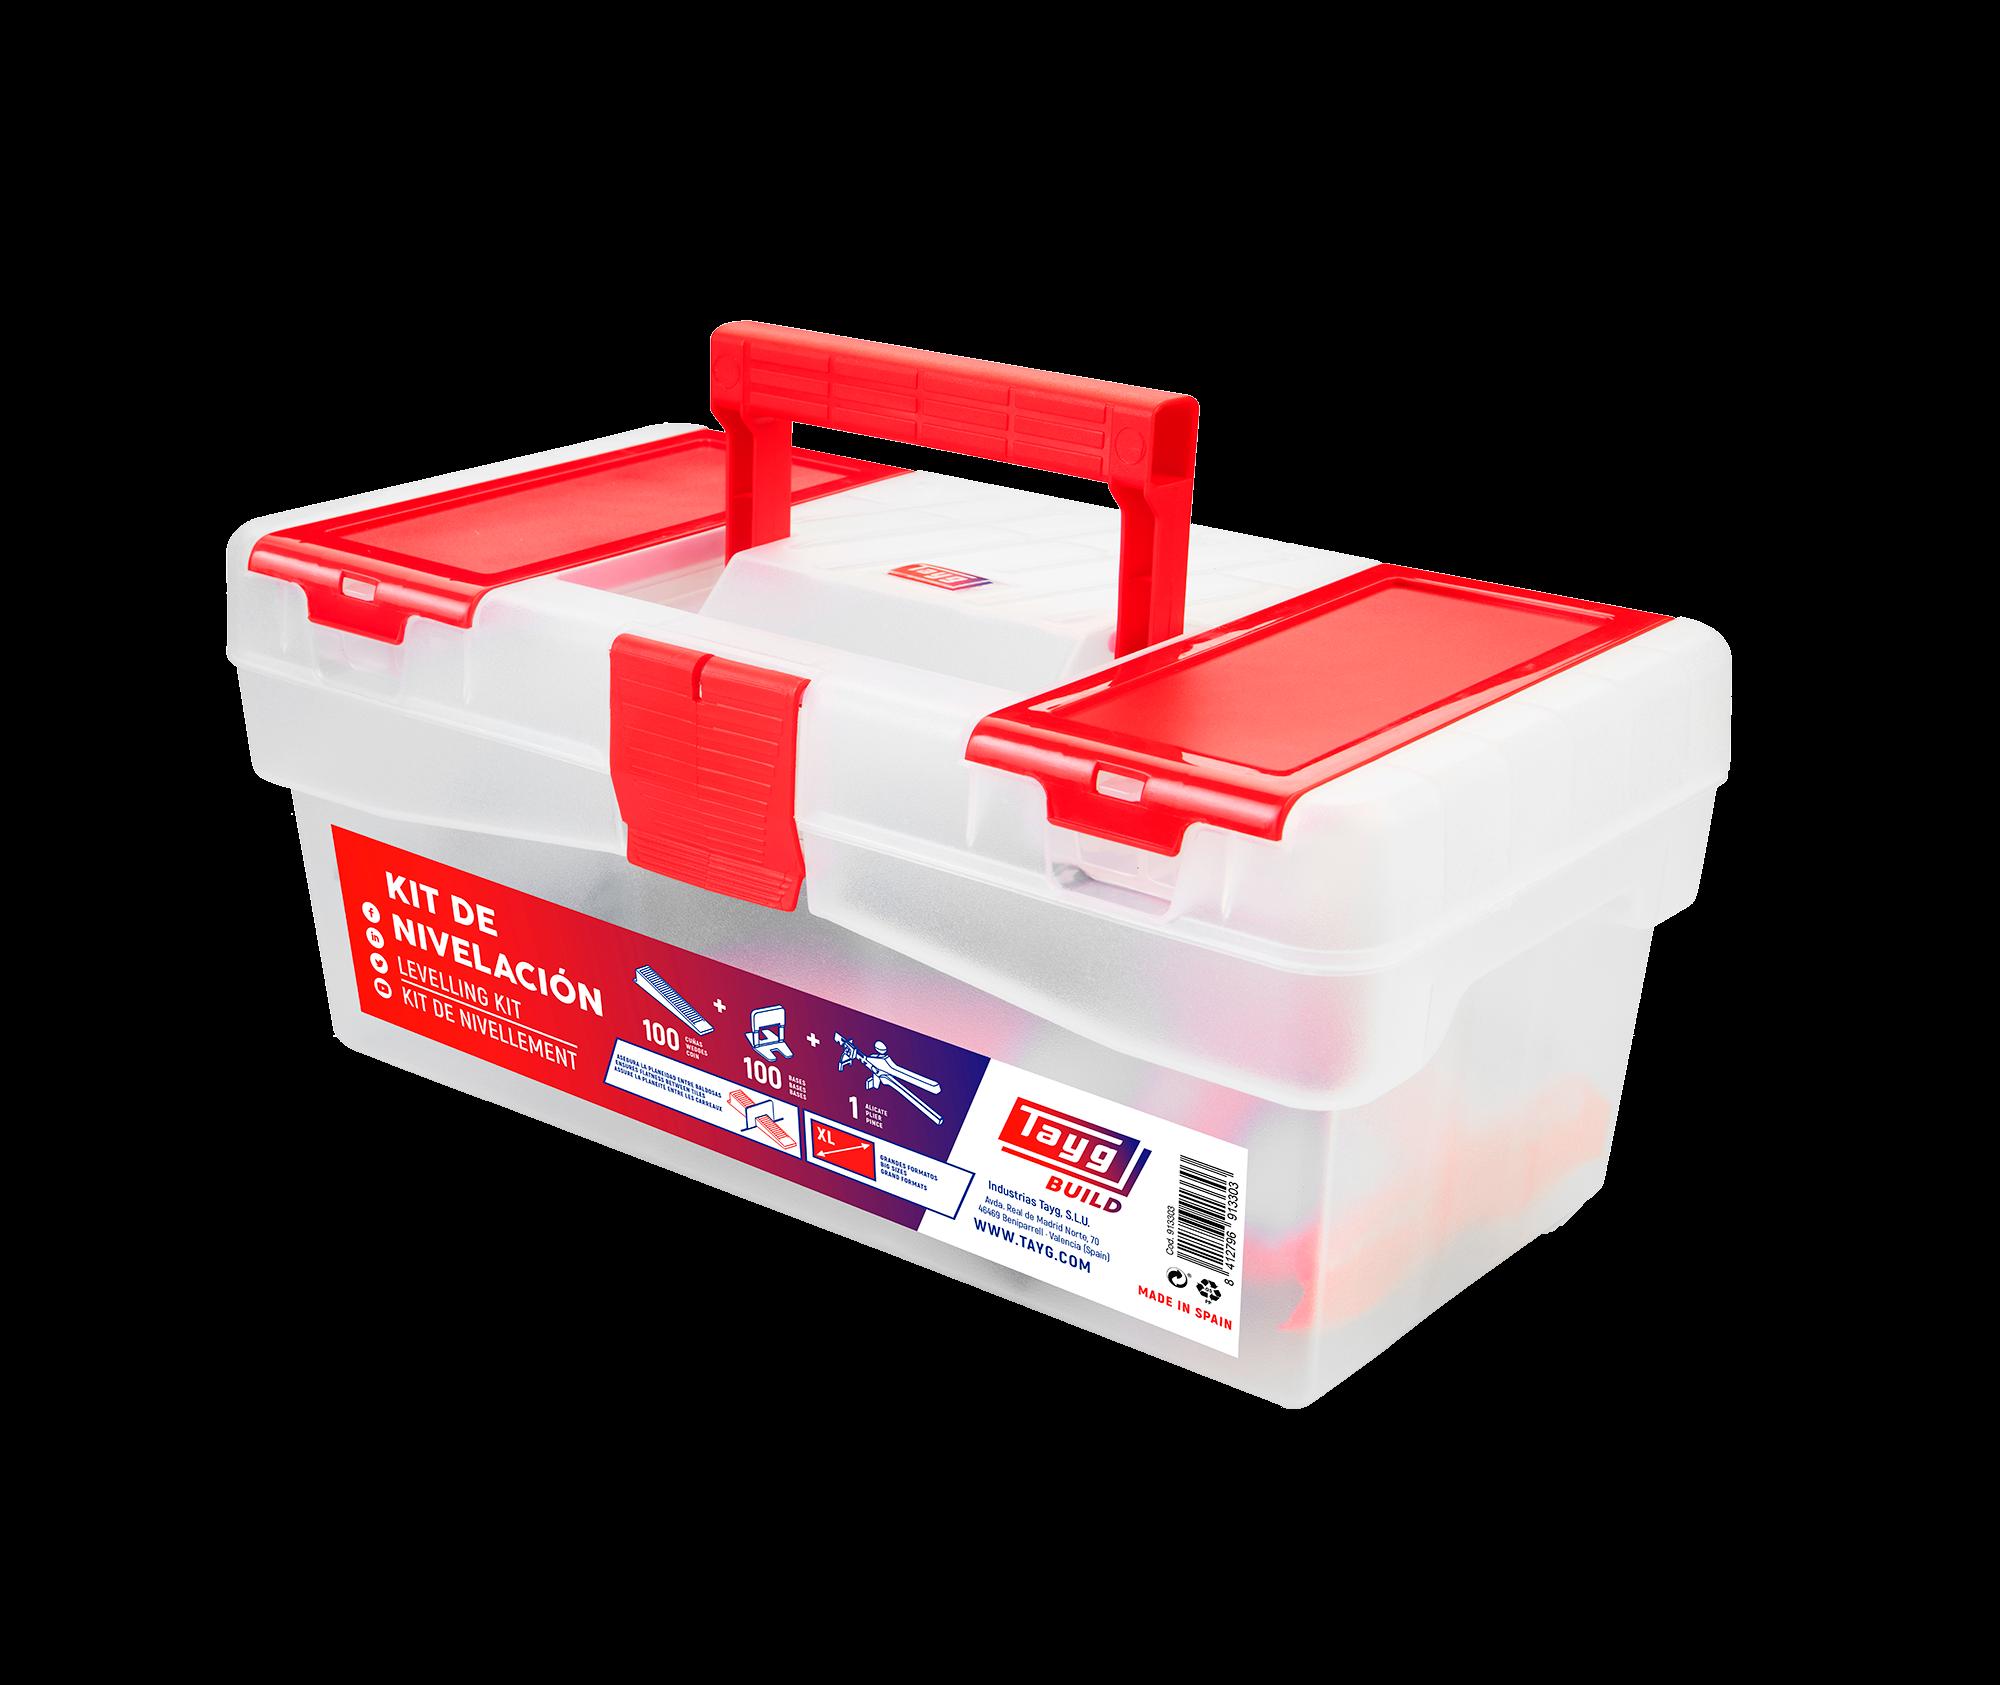 Kit nivelacion ok e1571154401630 - Crucetas | Kits de nivelación